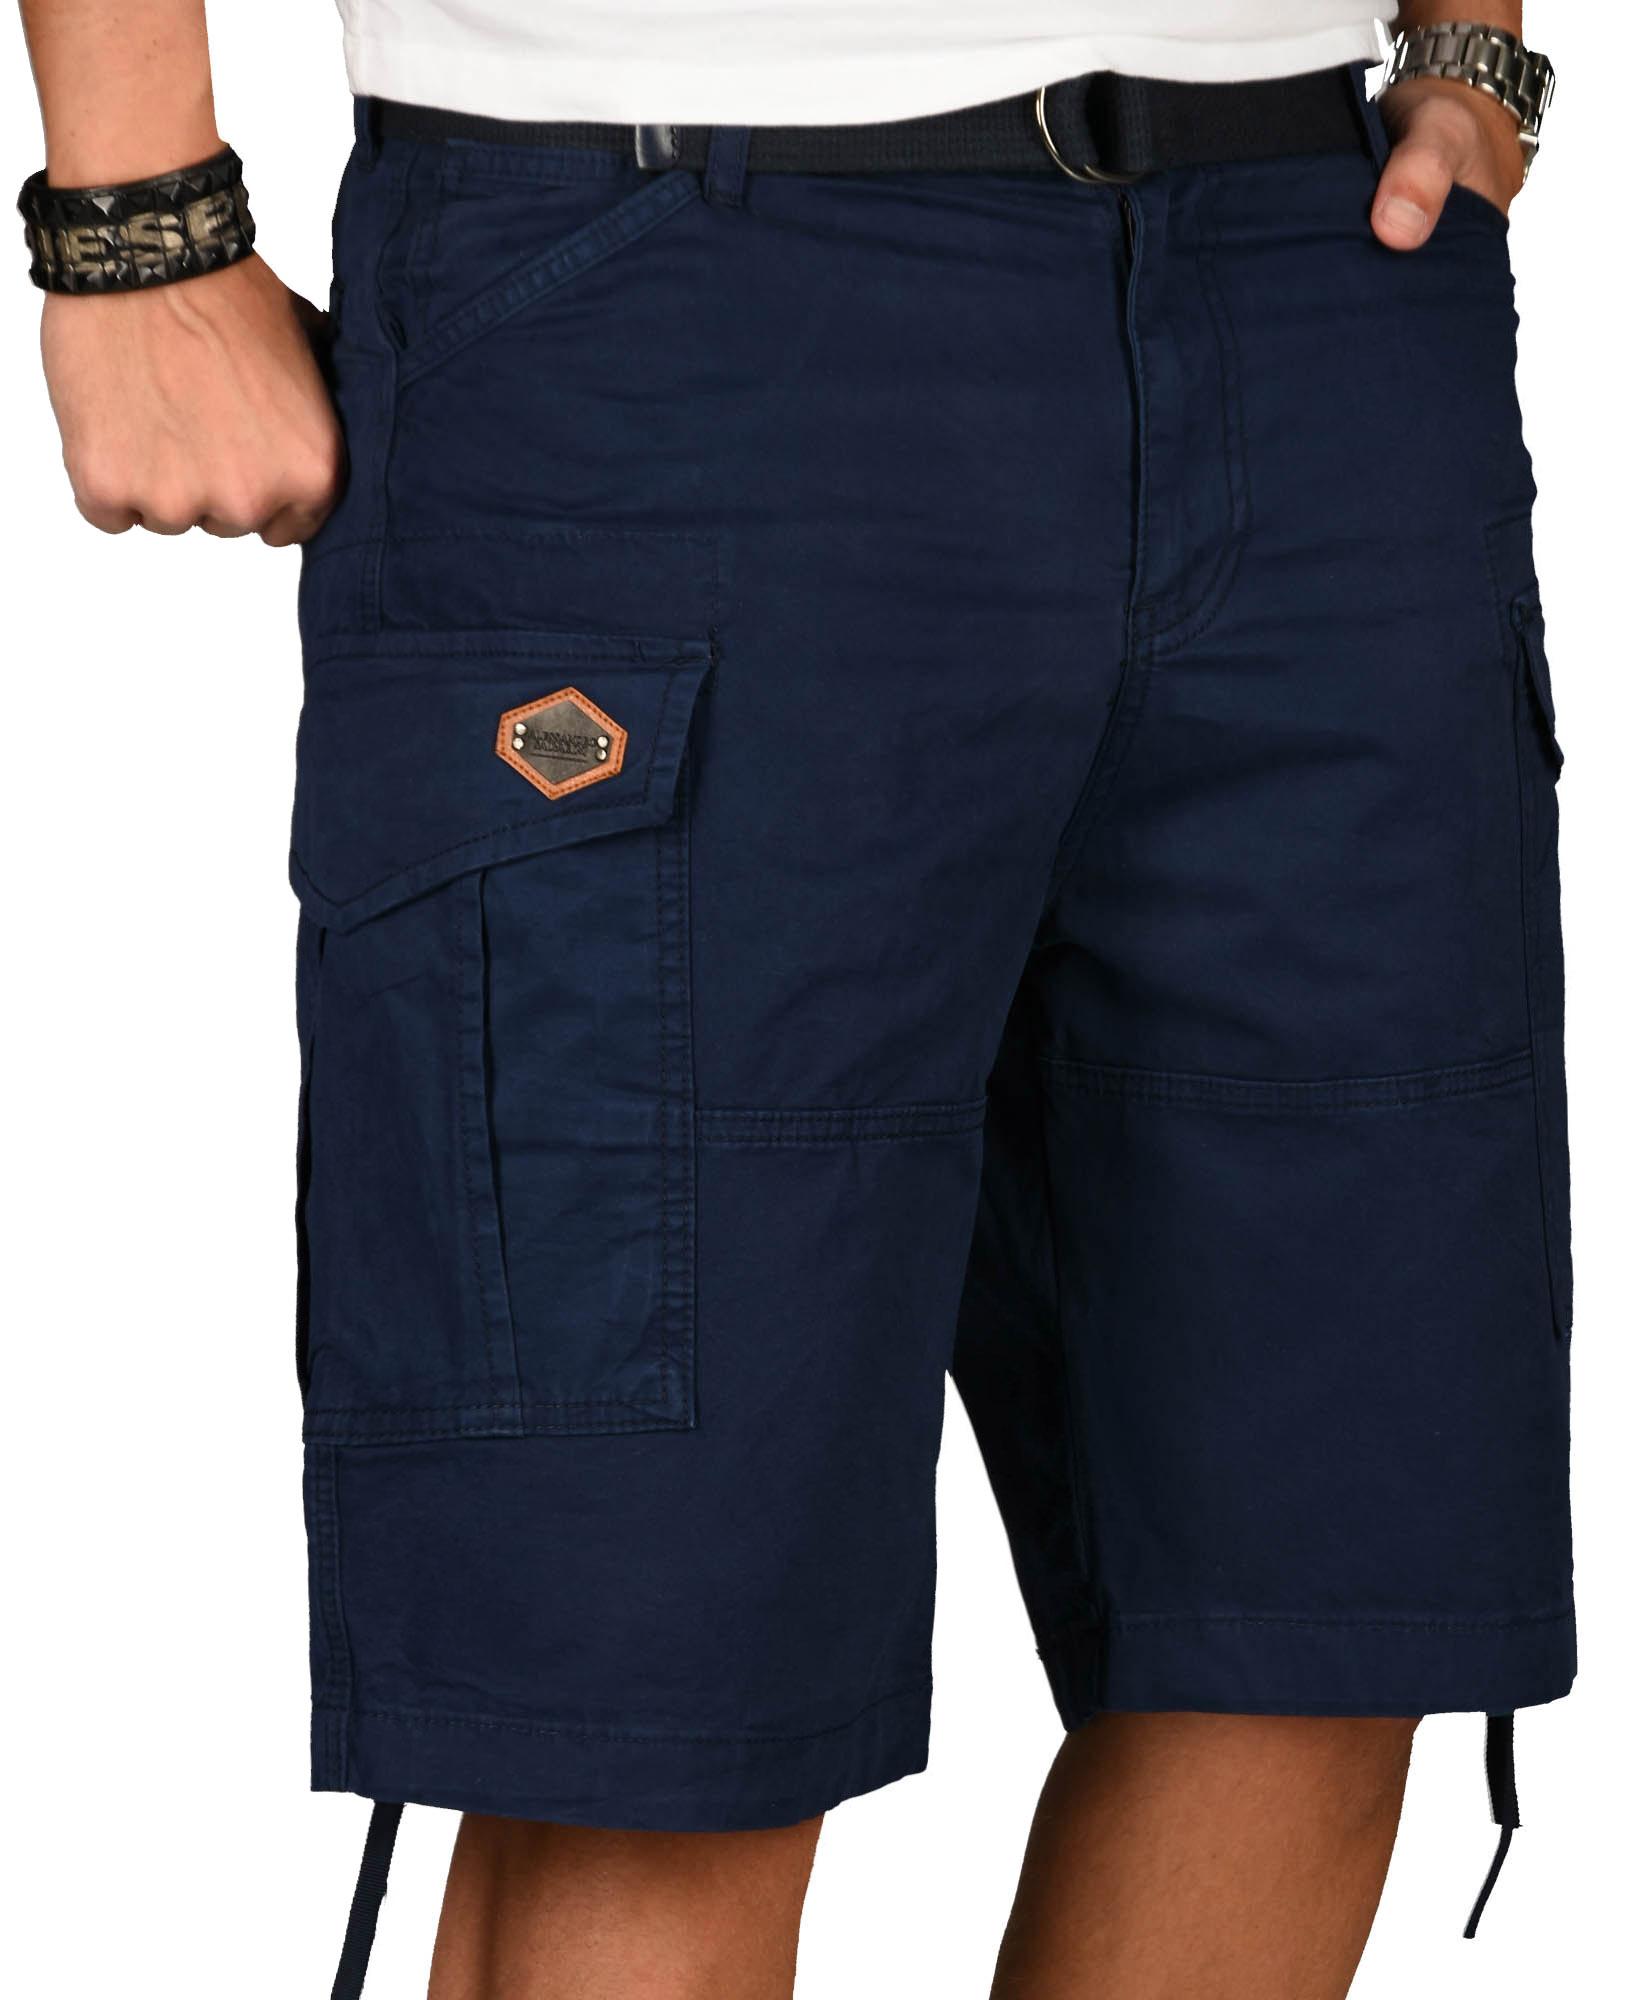 A-Salvarini-Herren-Comfort-Cargo-Shorts-Cargoshorts-kurze-Hose-Guertel-AS133-NEU Indexbild 19